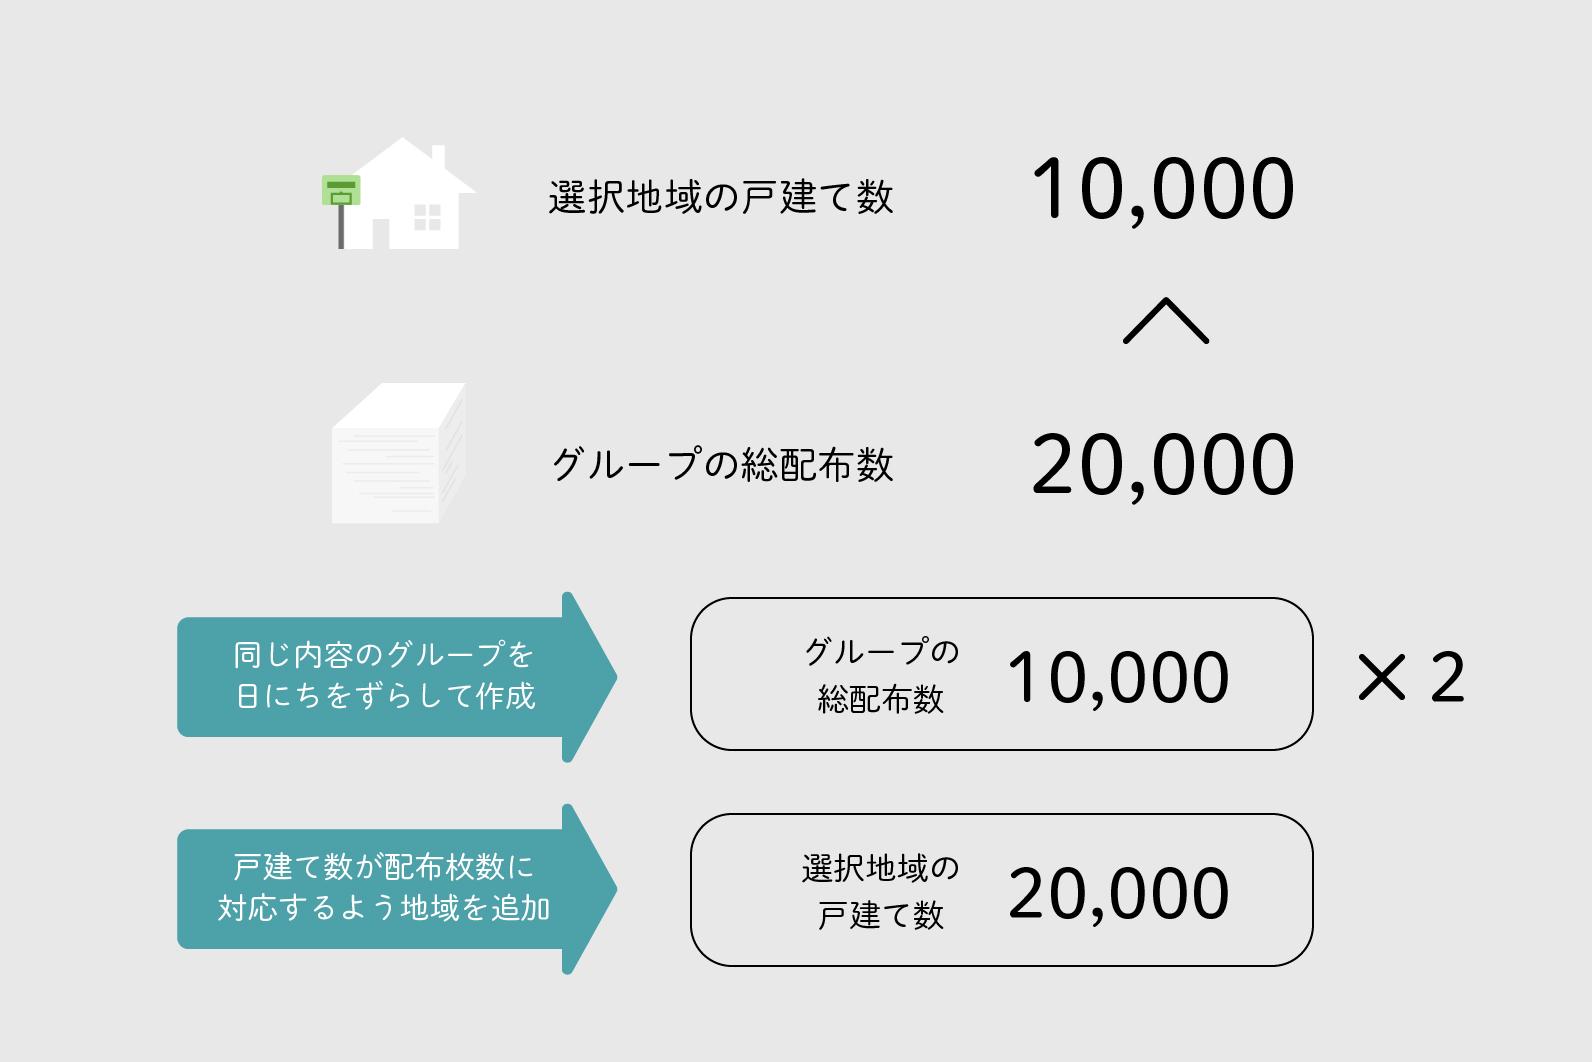 グループの配布枚数が2万部、総世帯数が1万⼾しかない場合 イメージ